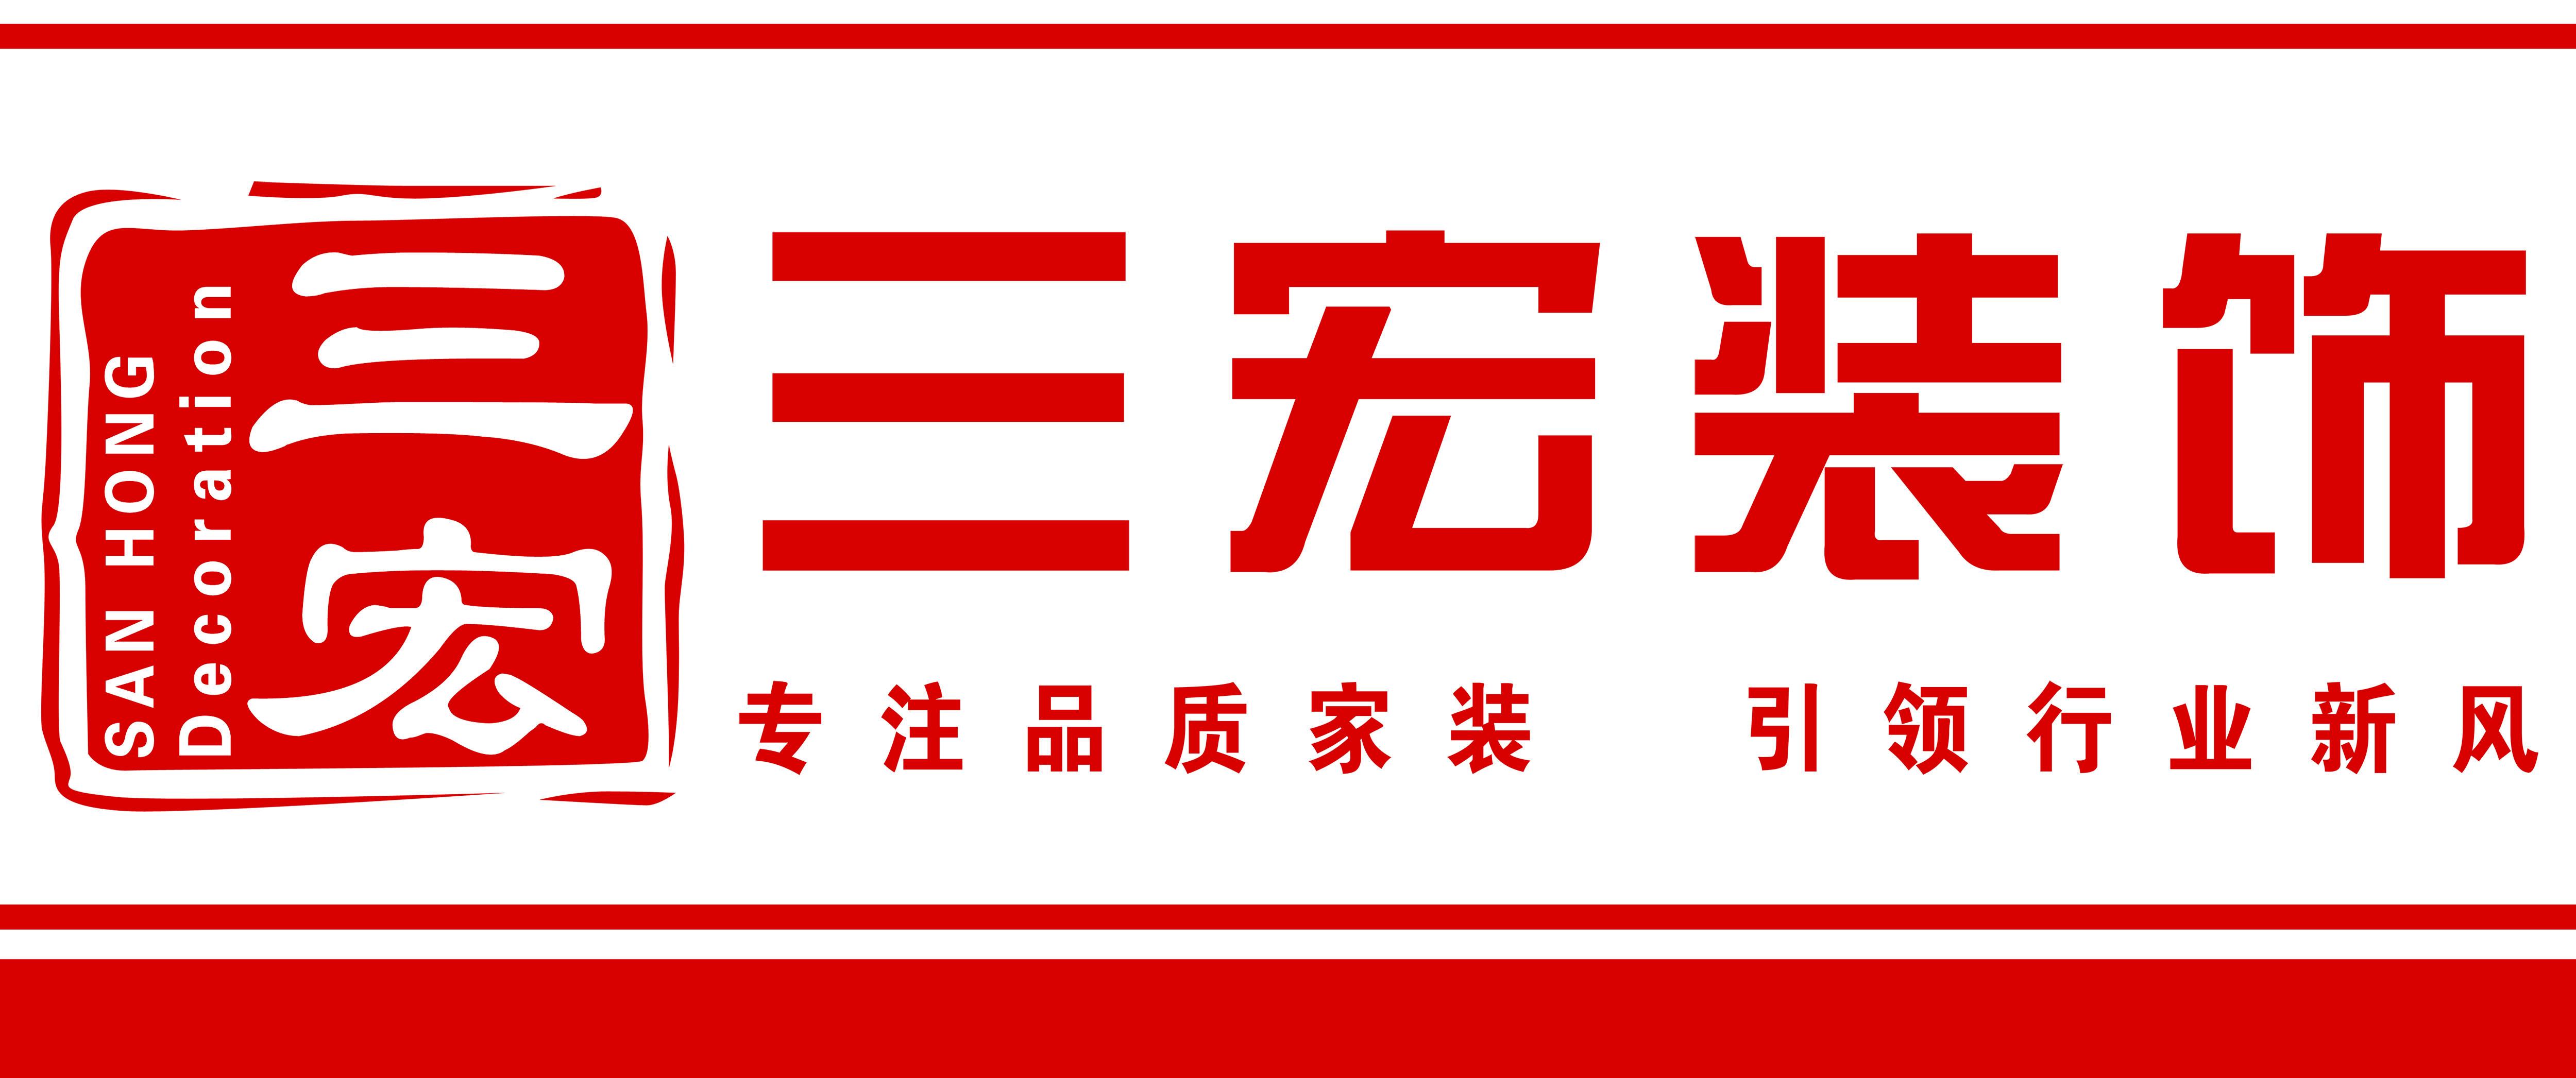 长沙三宏装饰设计工程有限公司